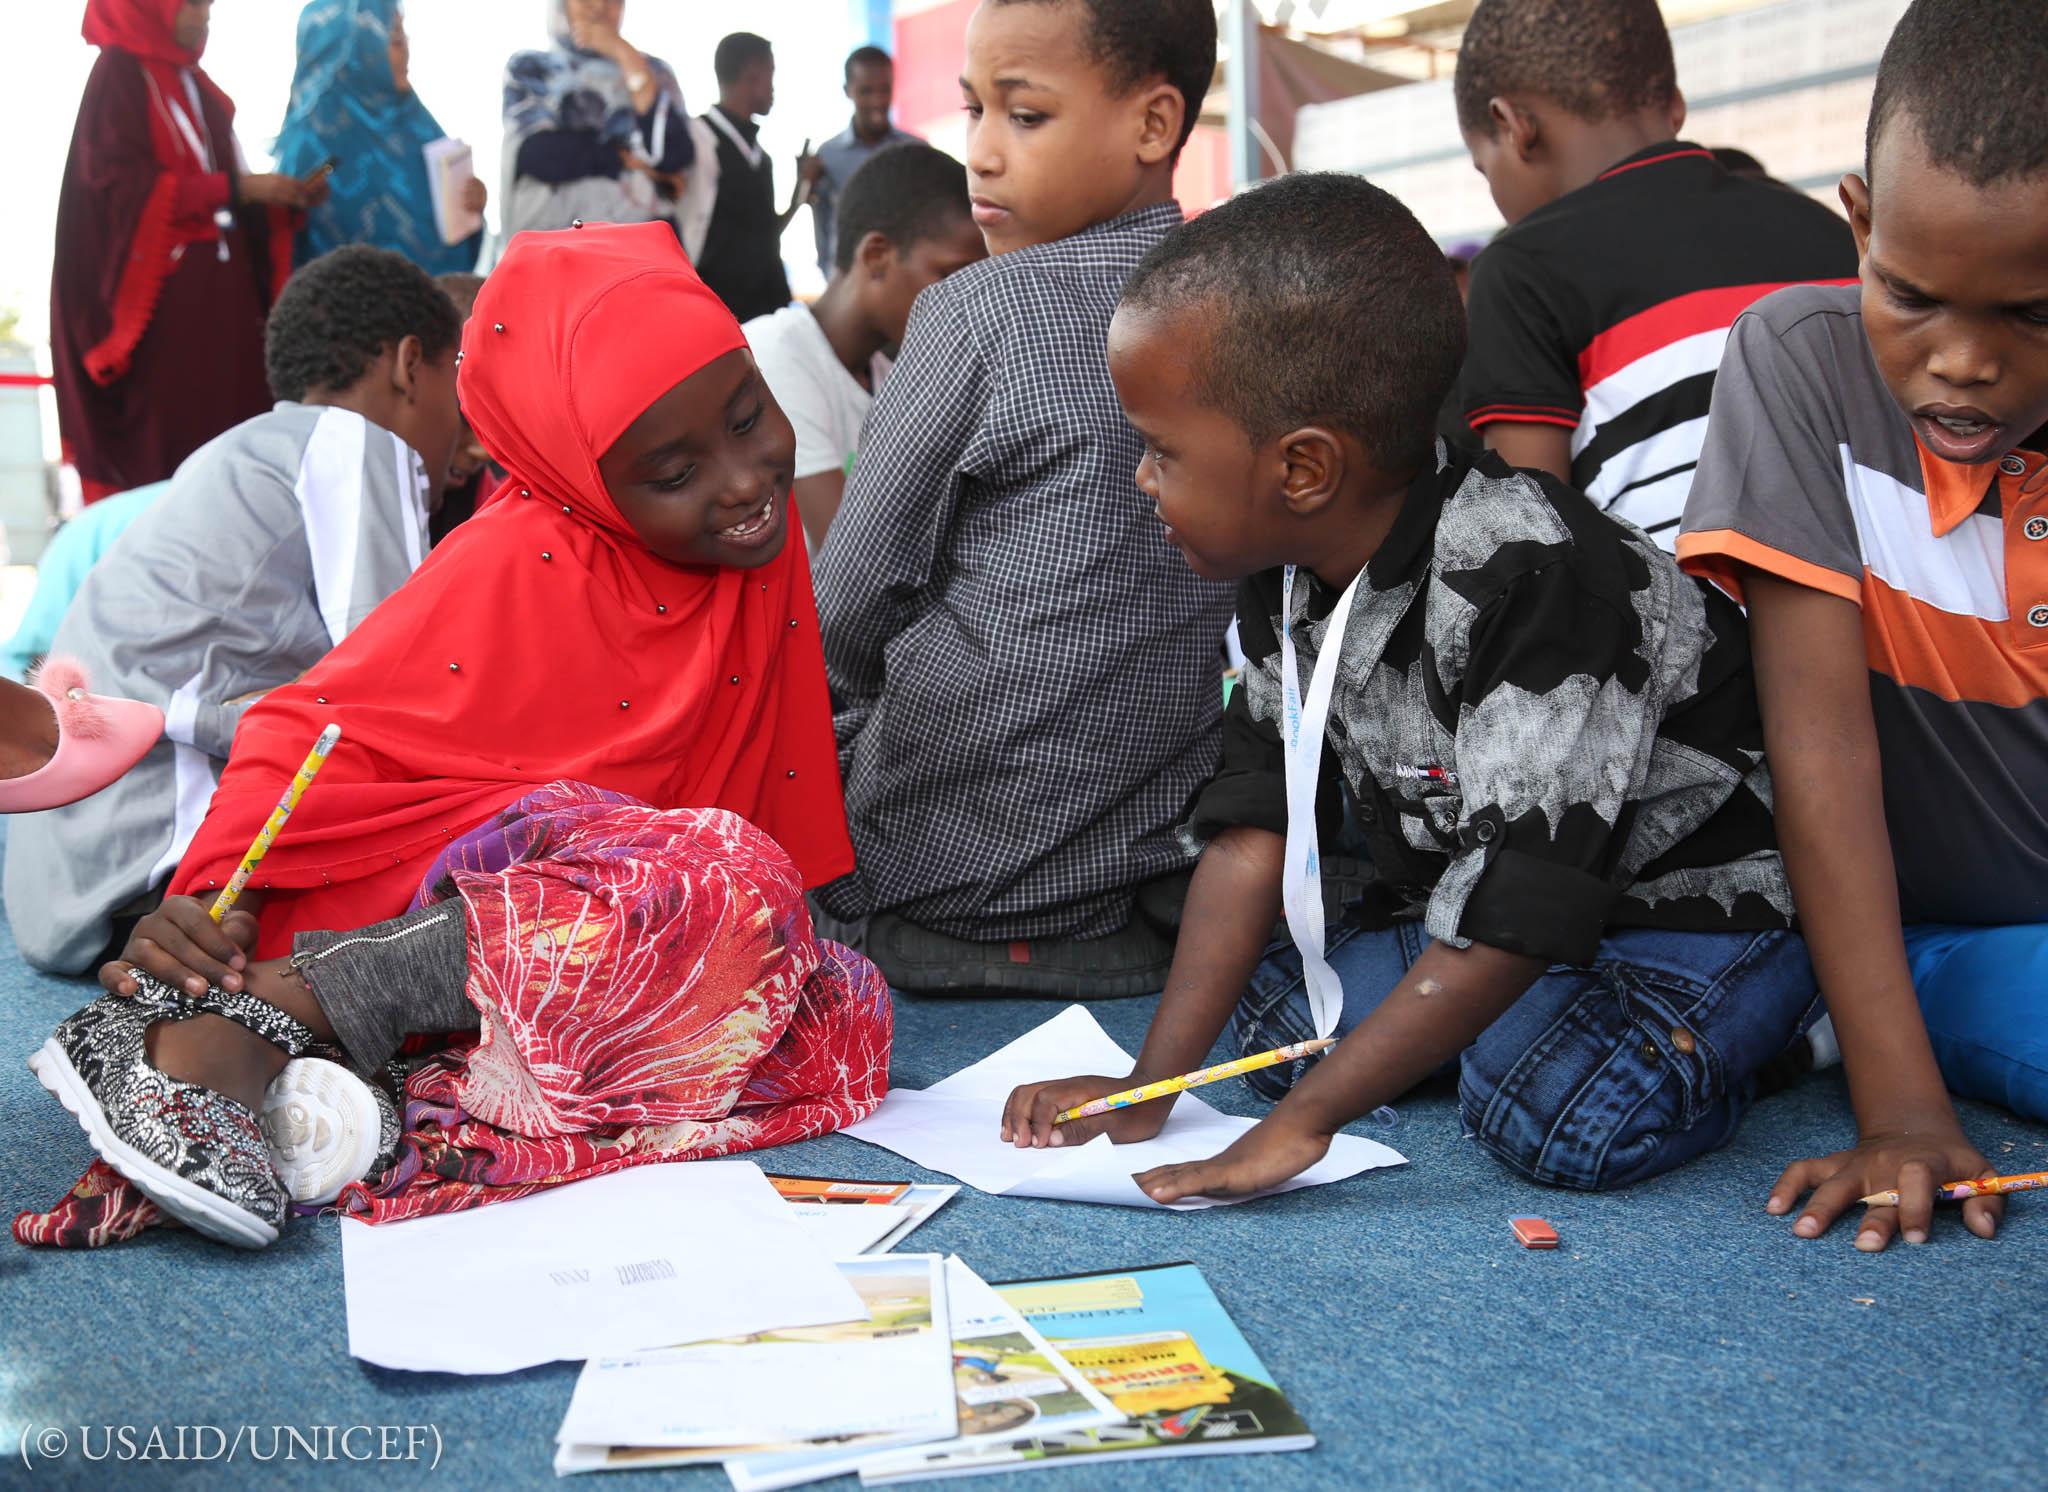 两名儿童画画(© USAID/UNICEF)